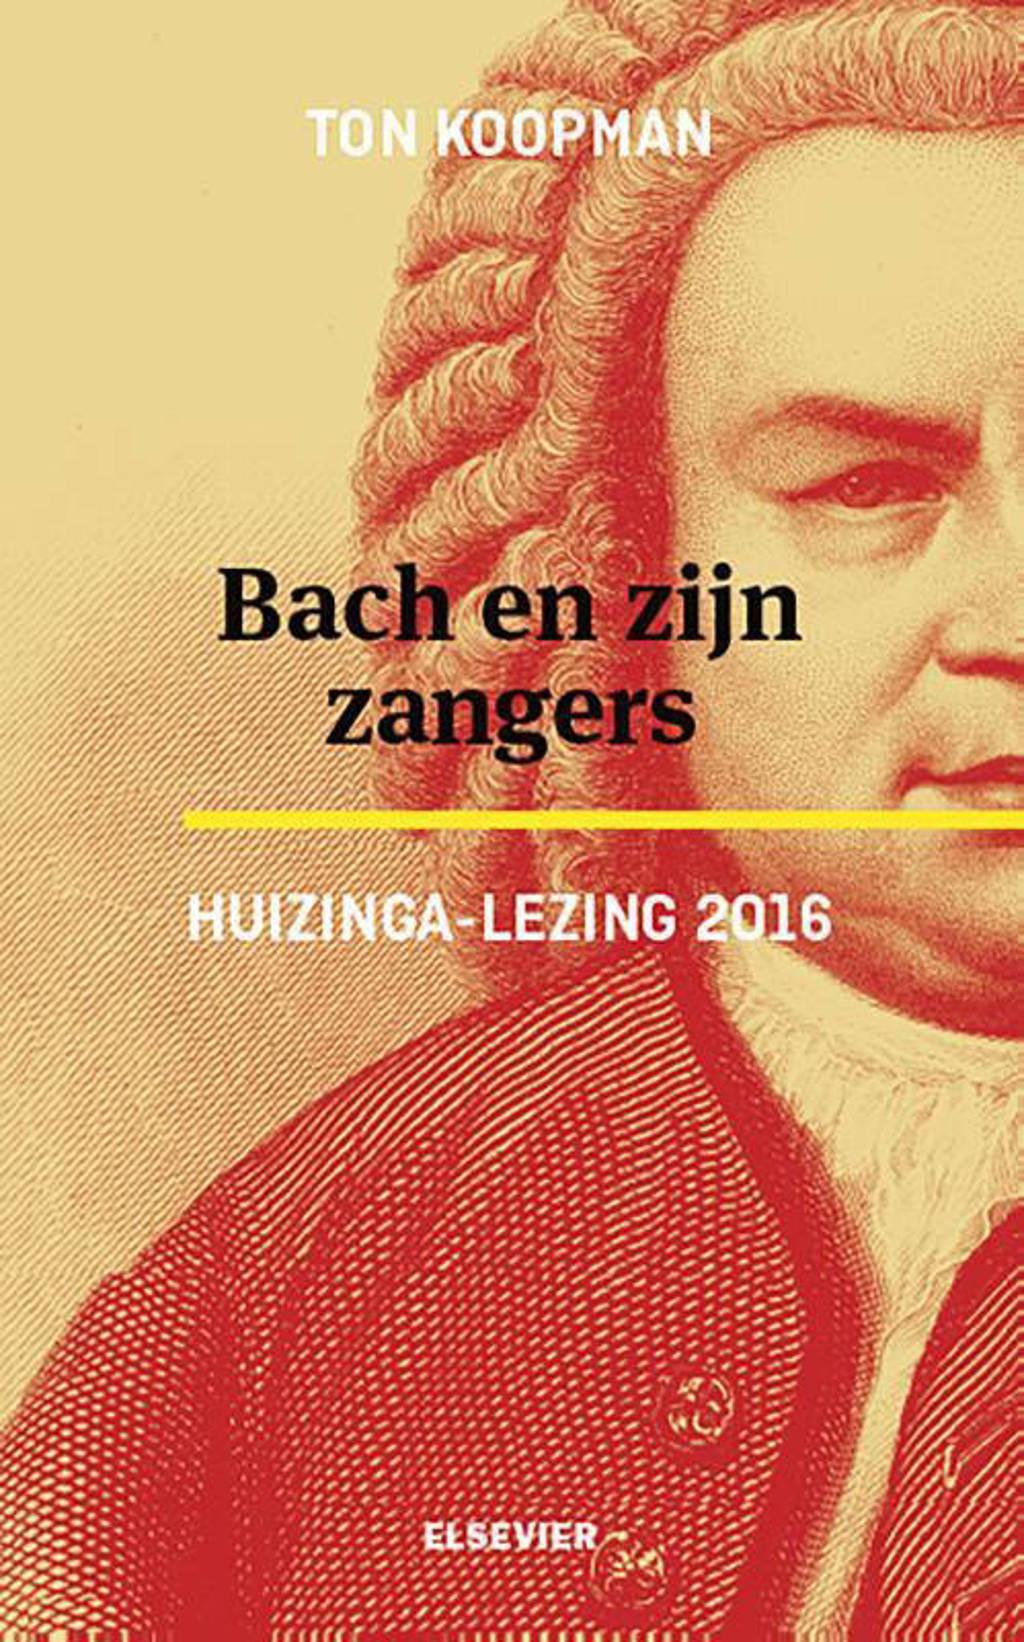 Bach en zijn zangers - Ton Koopman